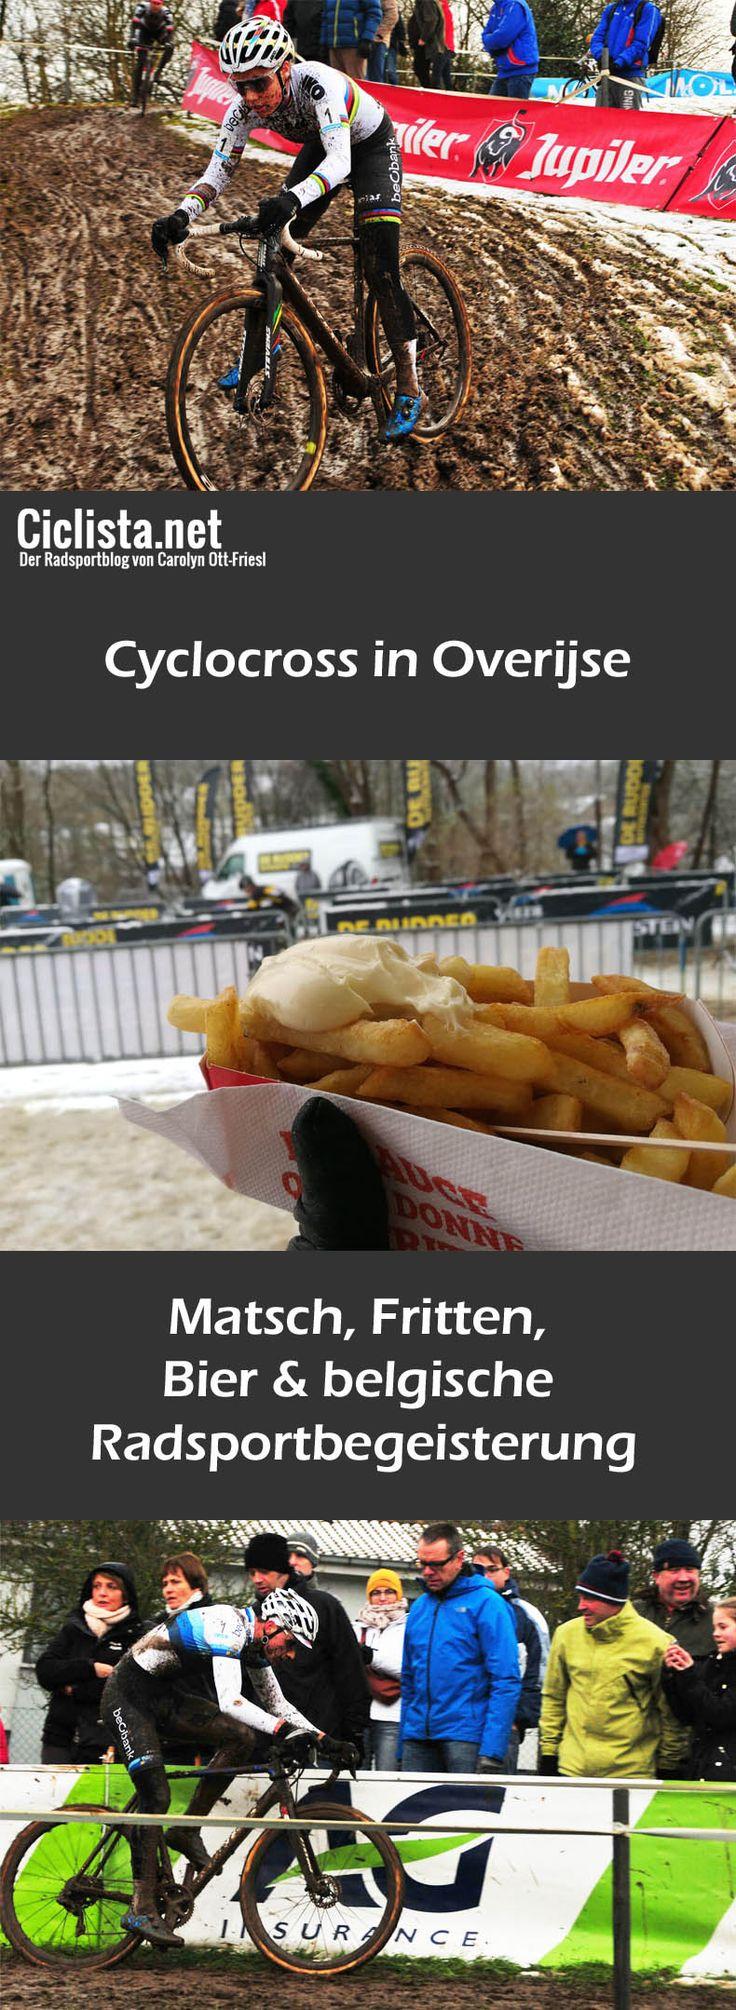 Cyclocross in Belgien - nicht nur ein Radrennen, vielmehr ein Volksfest!  Ich durfte auf Einladung von Bioracer dabei sein beim Druivencross in Overijse. Matsch, Bier, Fritten und richtig viel Radsportbegeisterung!  #Radsport #cyclocross #cycling #blogger #overijse #querfeldein #sport #outdoor #blog #sportblog #fitness